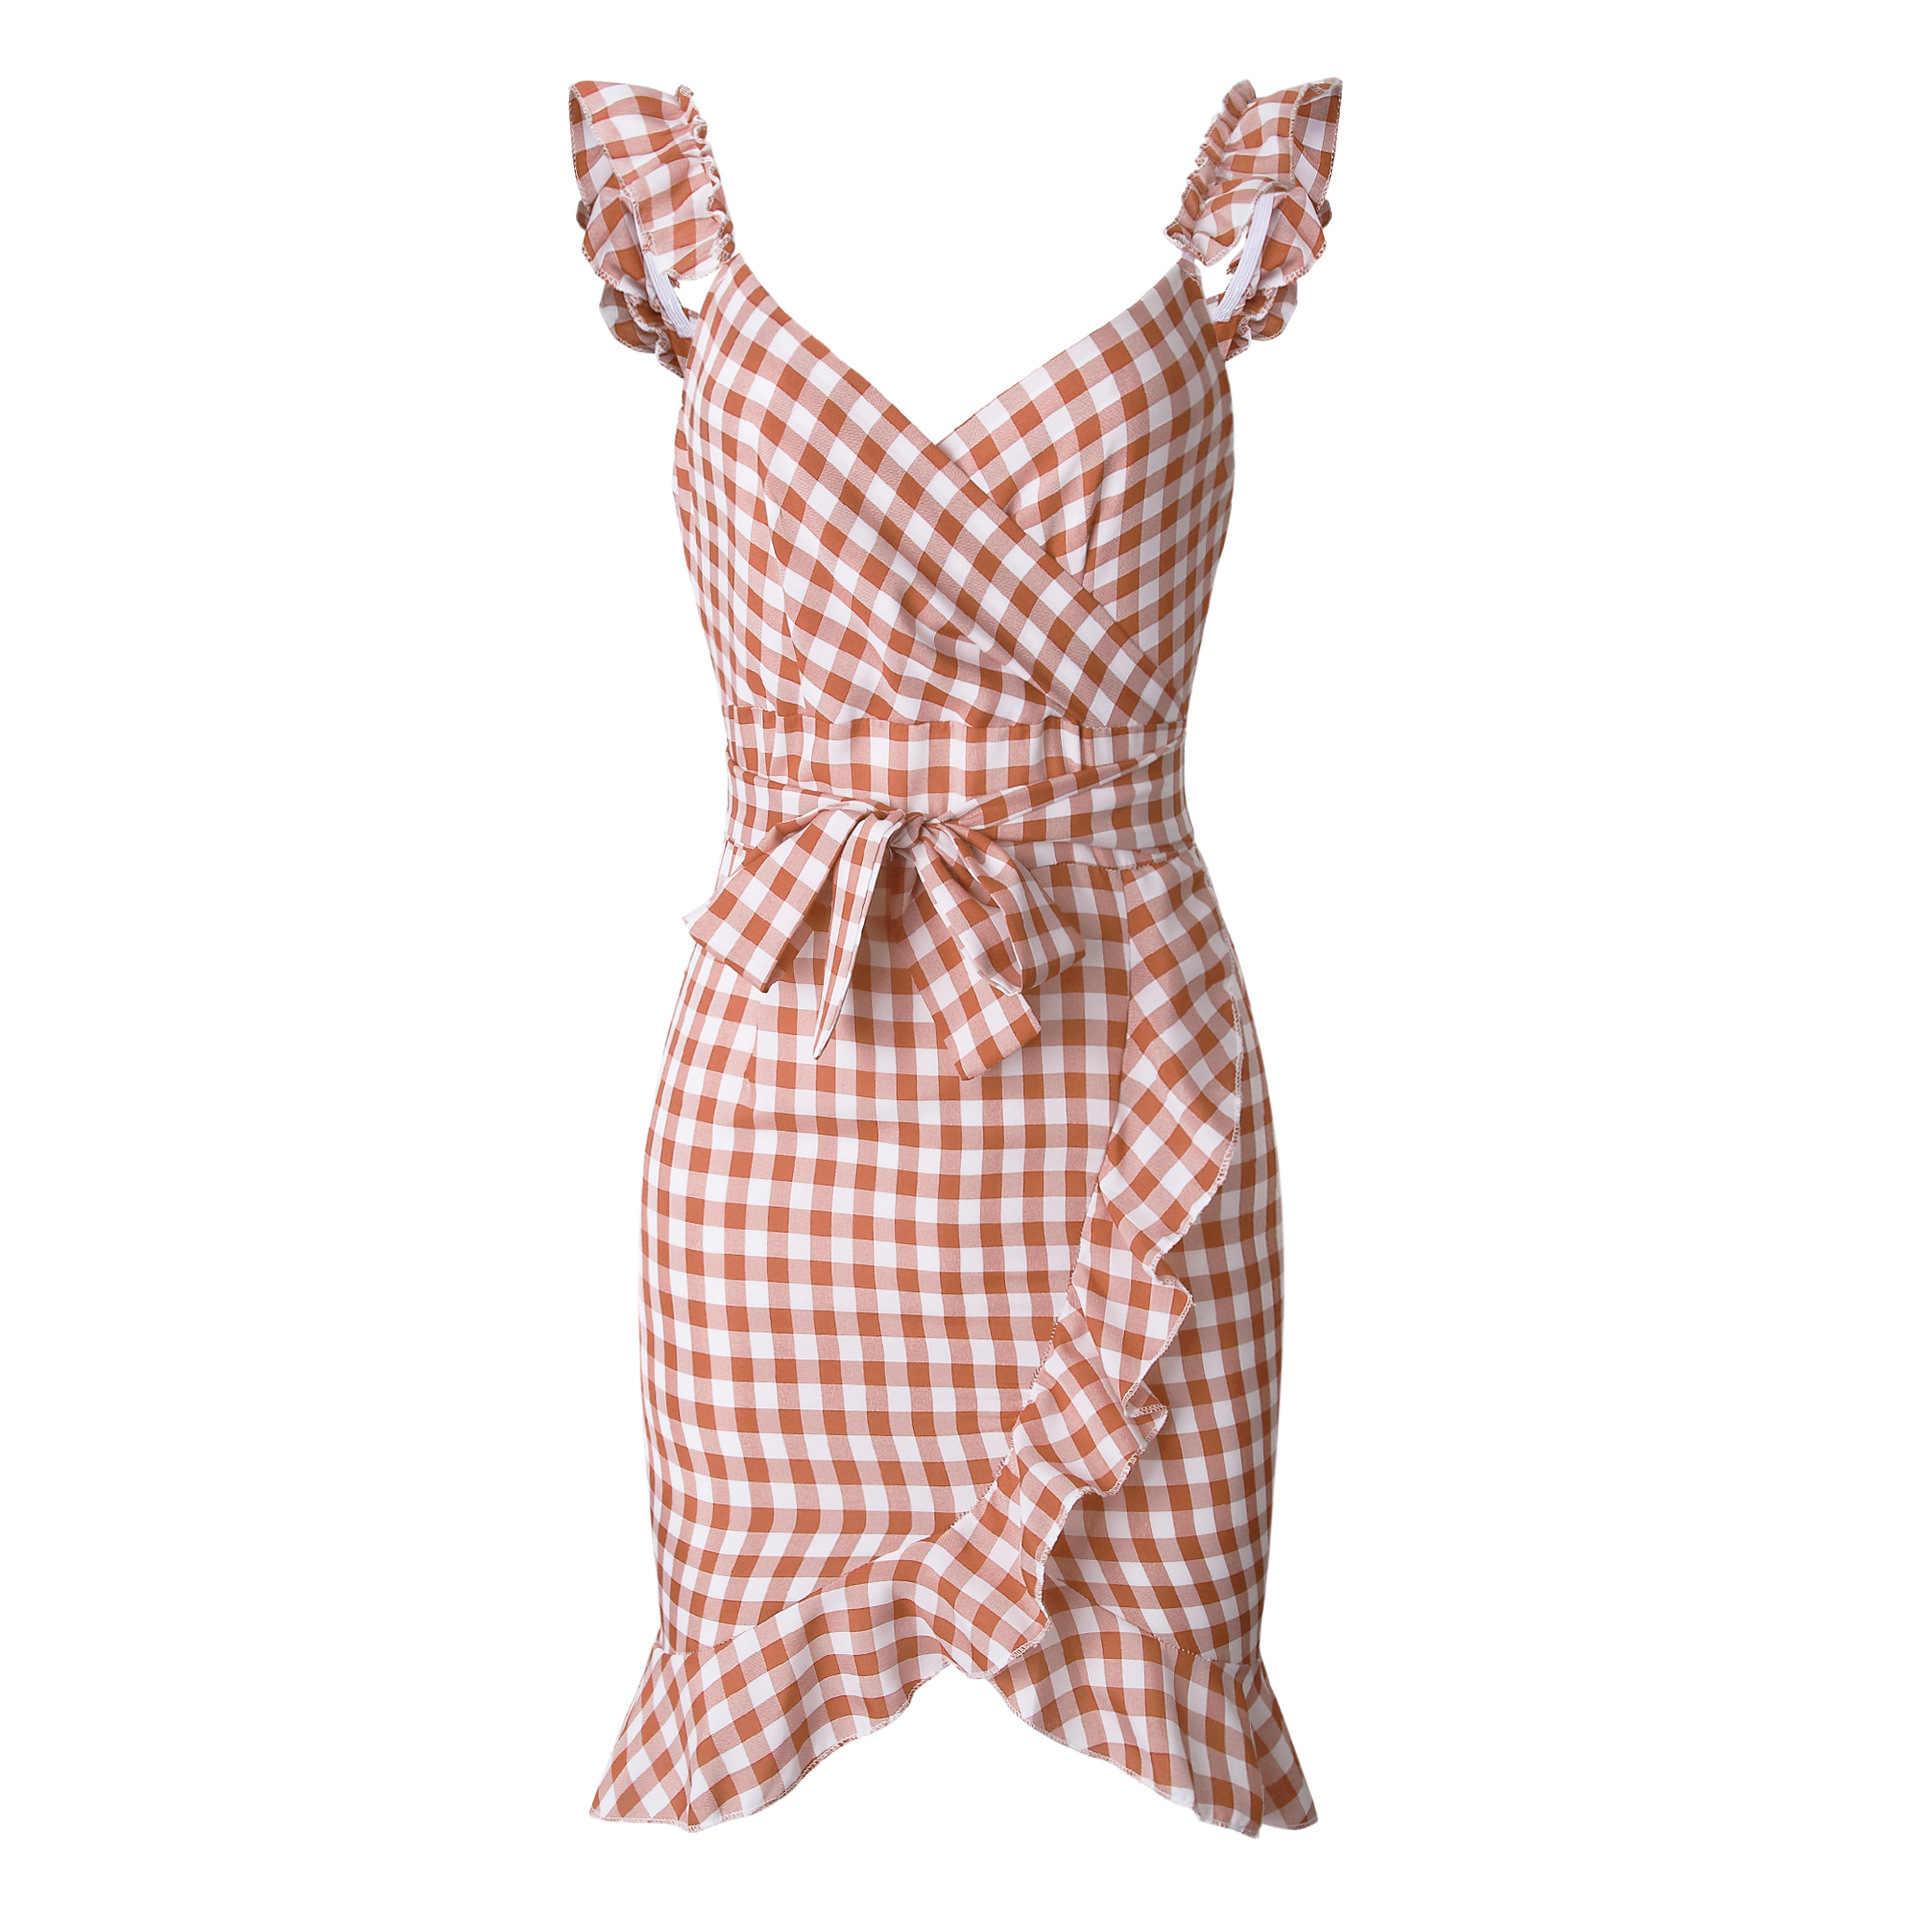 сарафан женский летний клетчатое платье с открытой спиной платья больших размеров летние платья и сарафаны бандажное платье с оборками лето 2019 уличный стиль сарафан на бретельках 101125